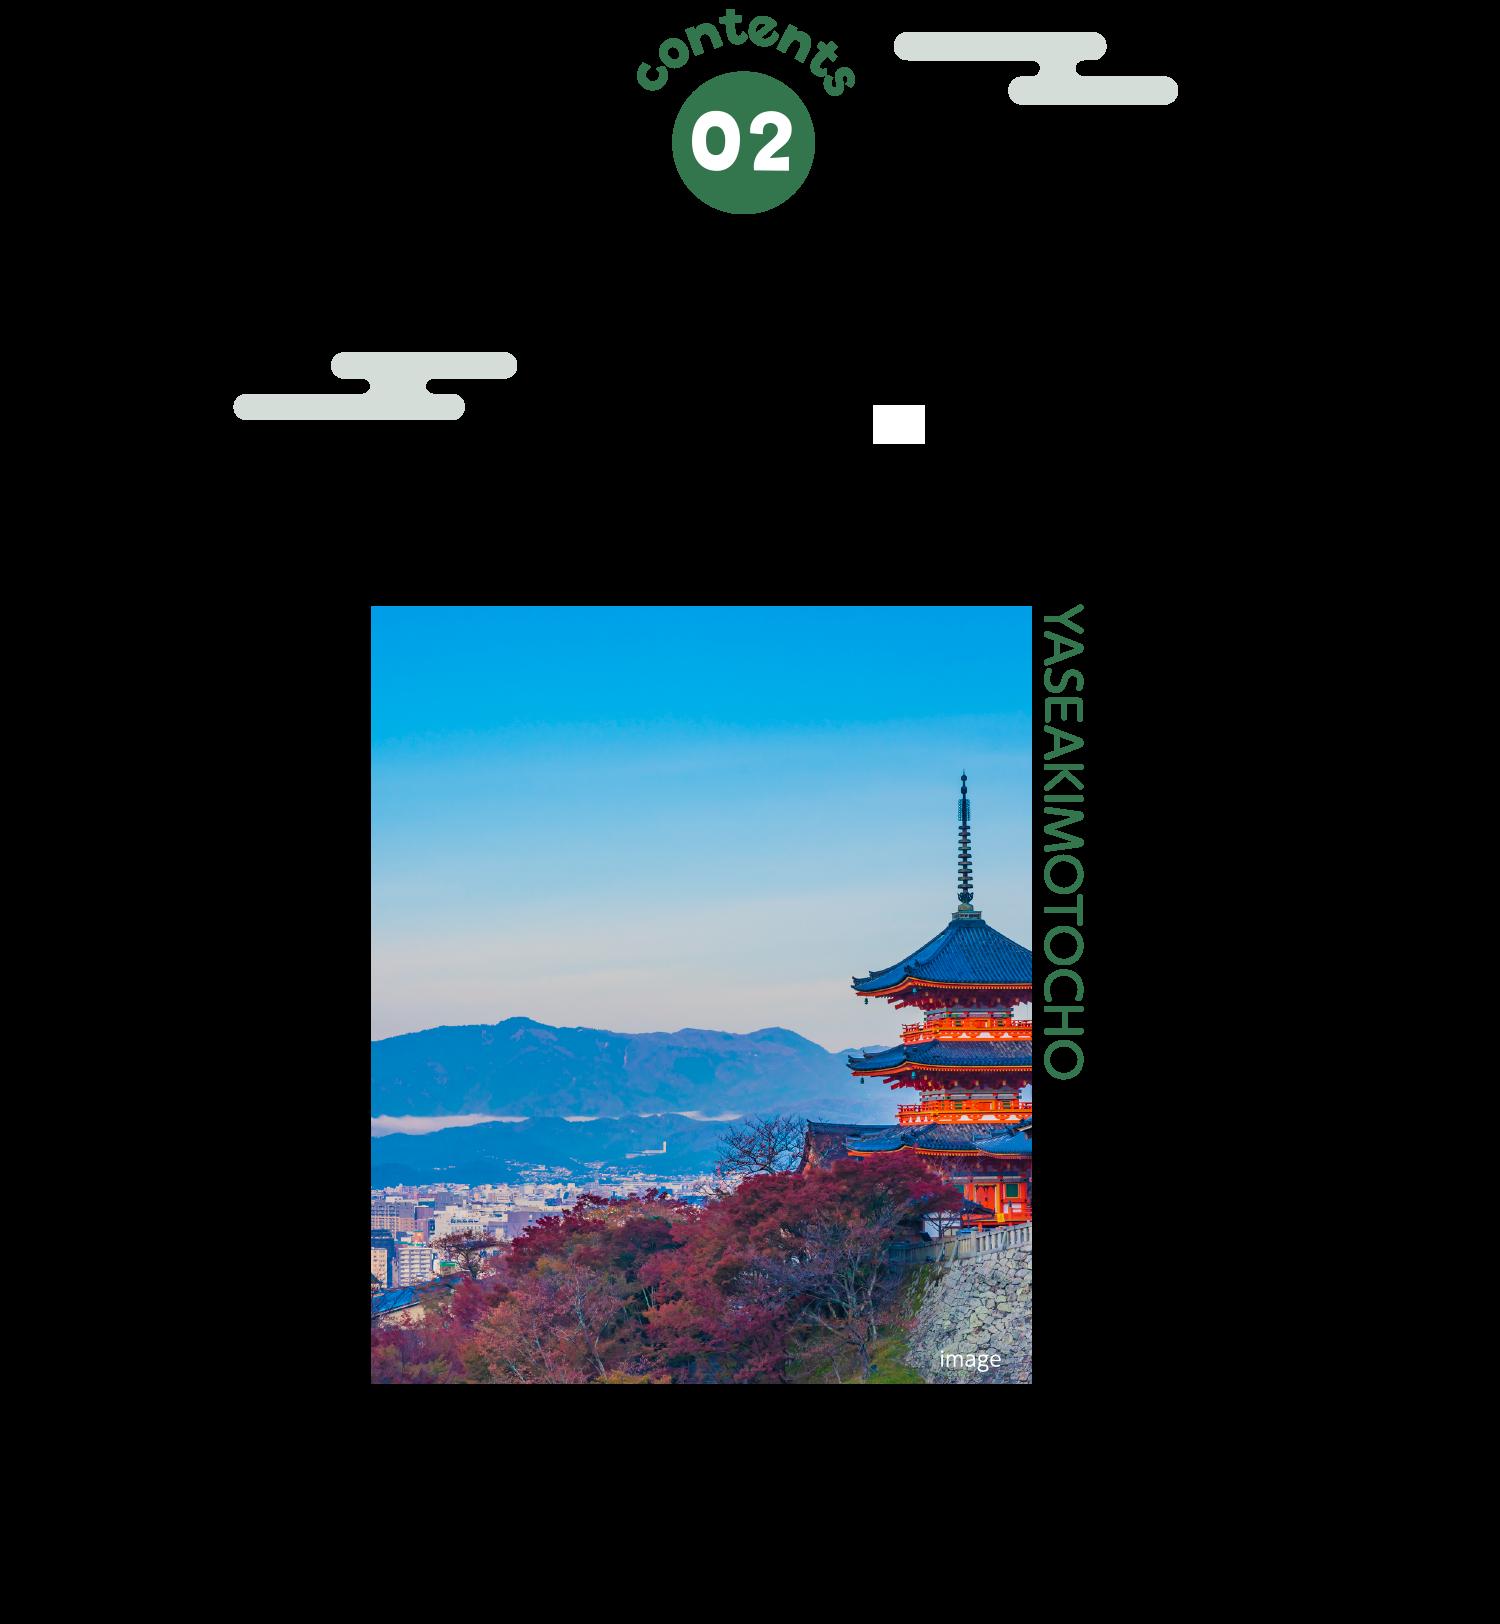 歴史と暮らしが共存する、八瀬秋元町の魅力!